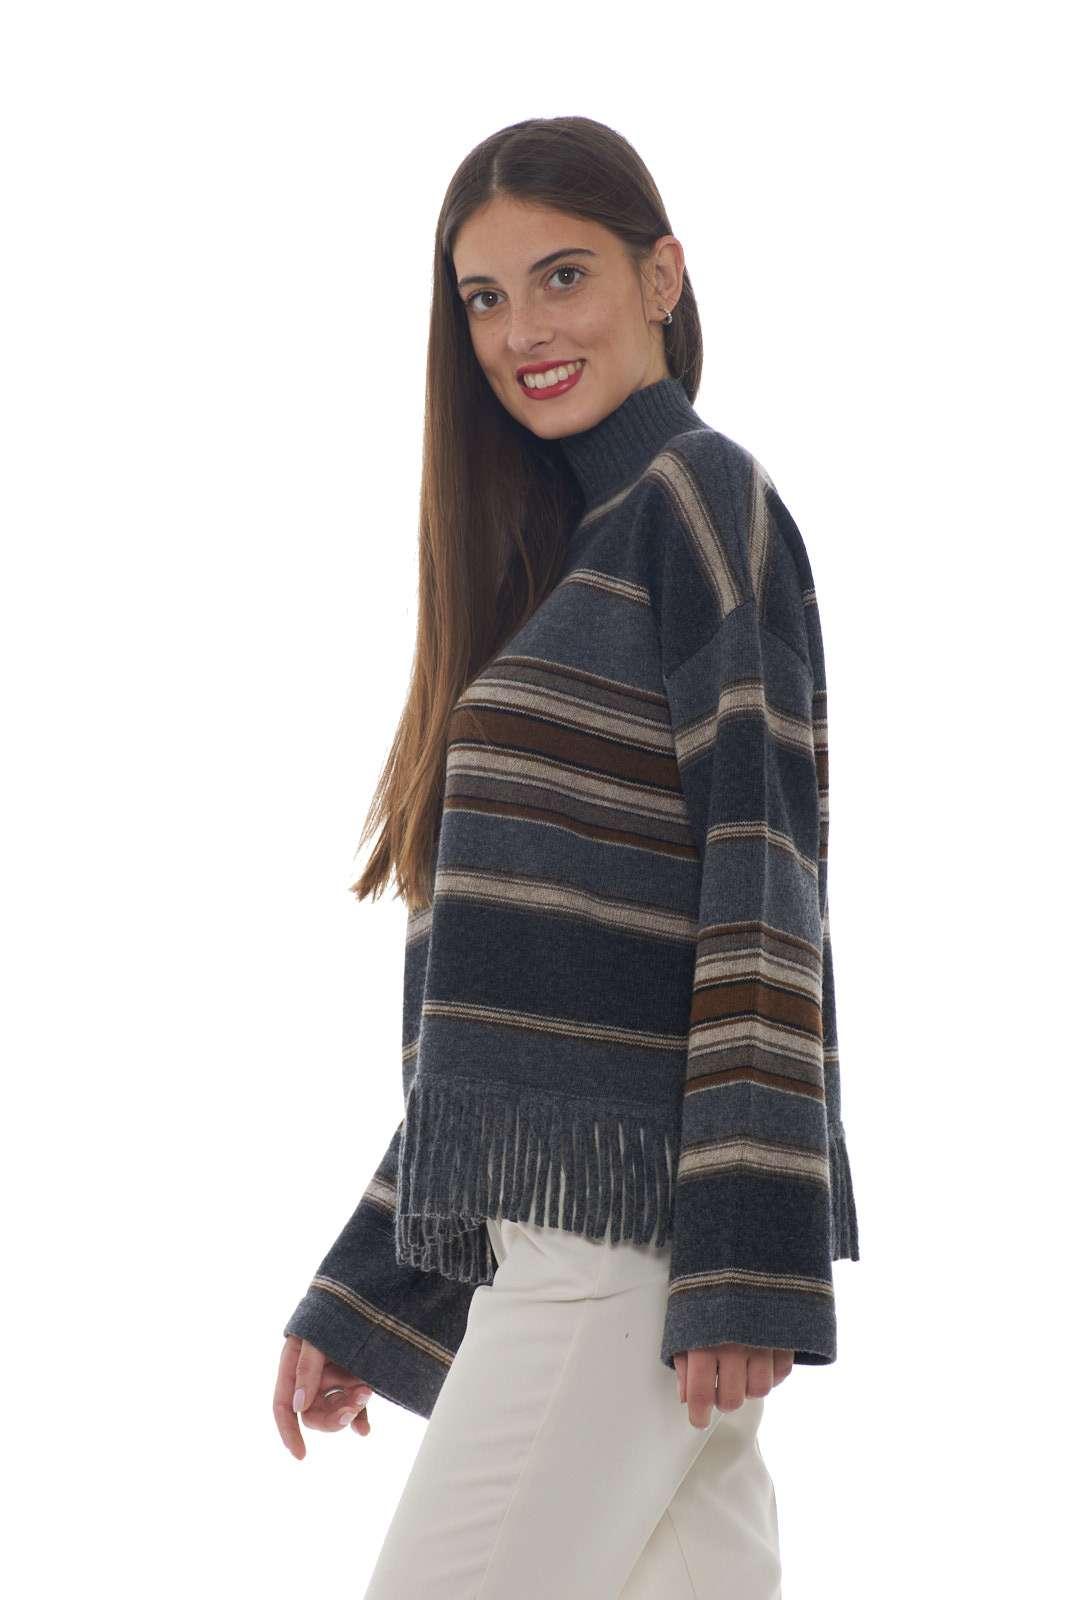 https://www.parmax.com/media/catalog/product/a/i/AI-outlet_parmax-maglia-donna-MaxMara-53662093-B.jpg